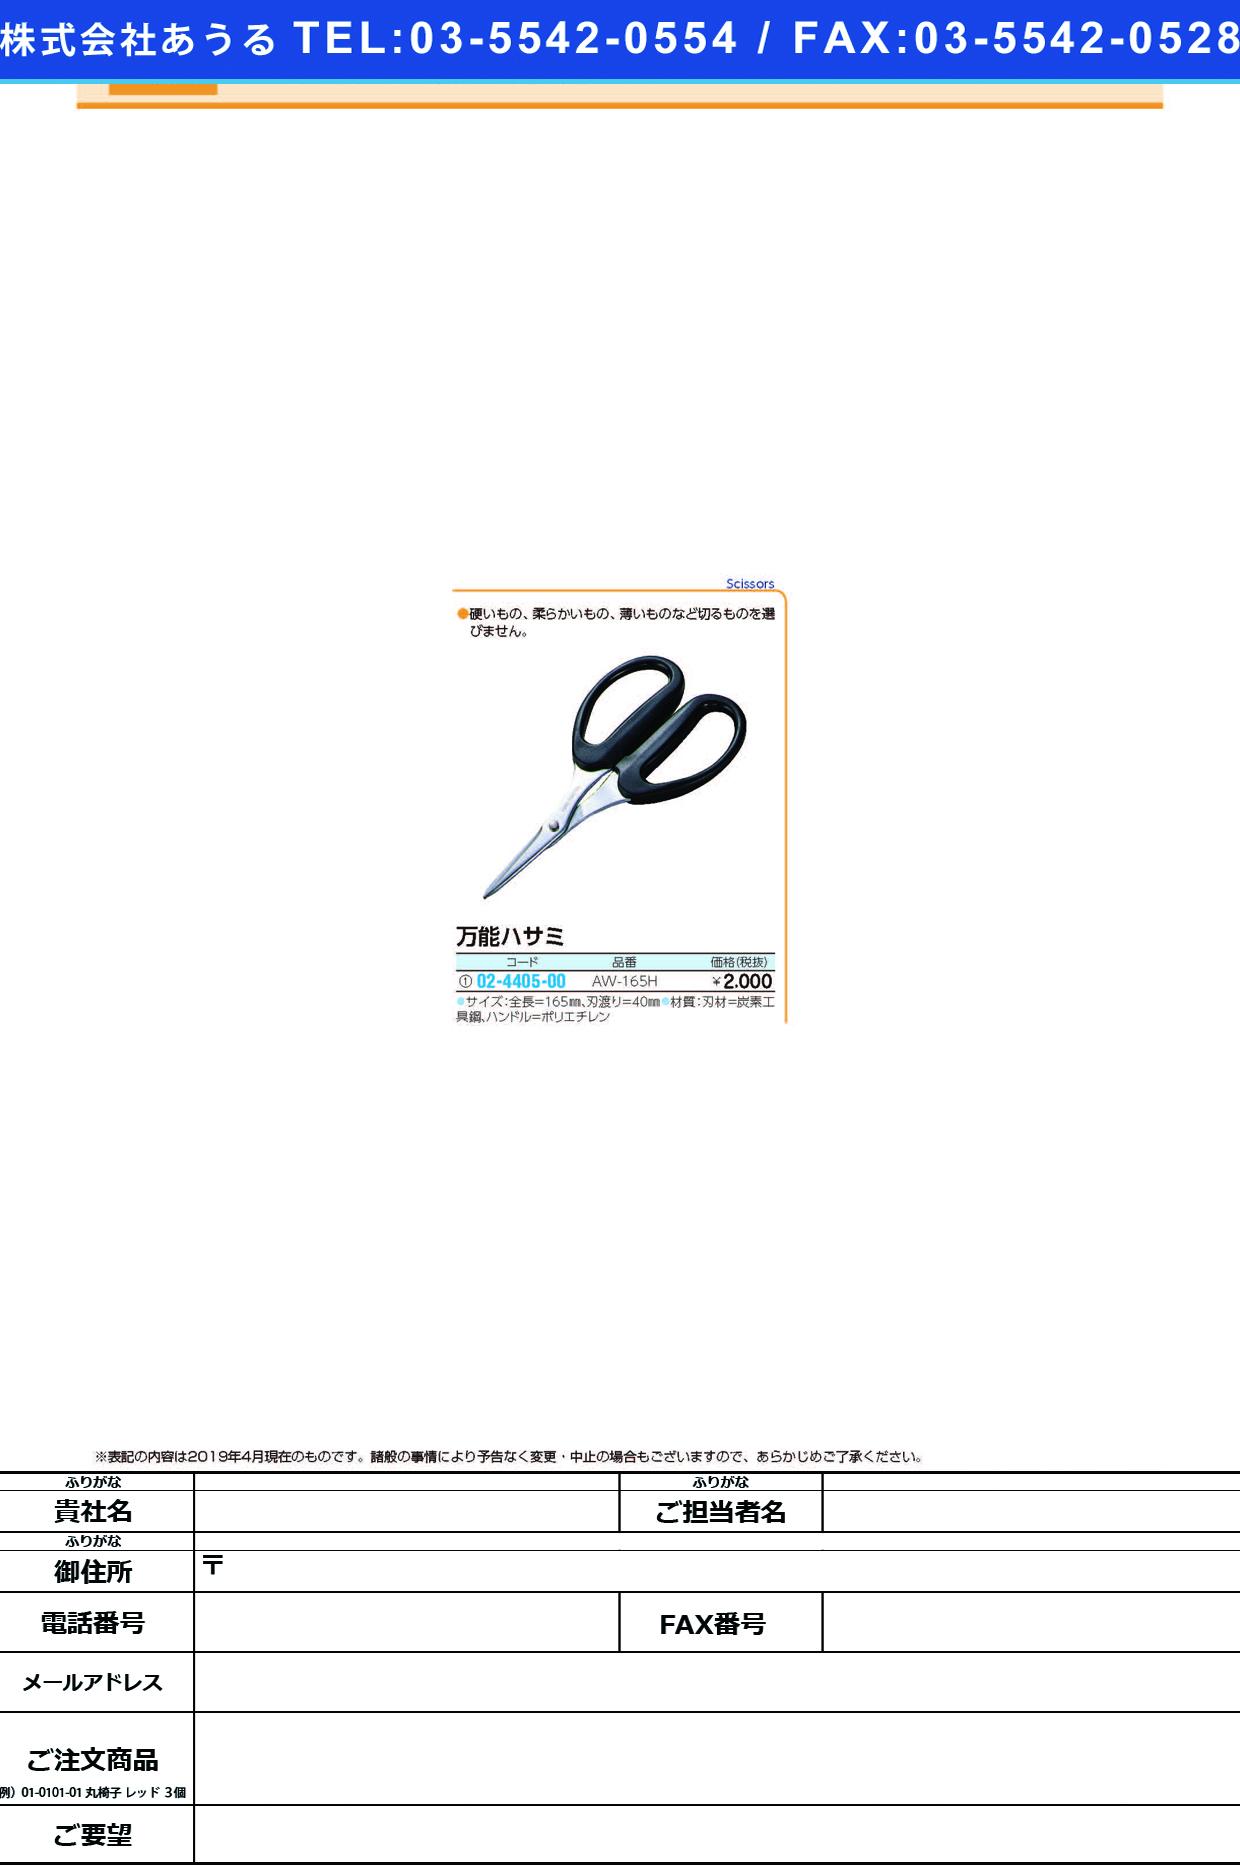 (02-4405-00)万能ハサミ AW-165H(165MM) バンノウハサミ【1本単位】【2019年カタログ商品】